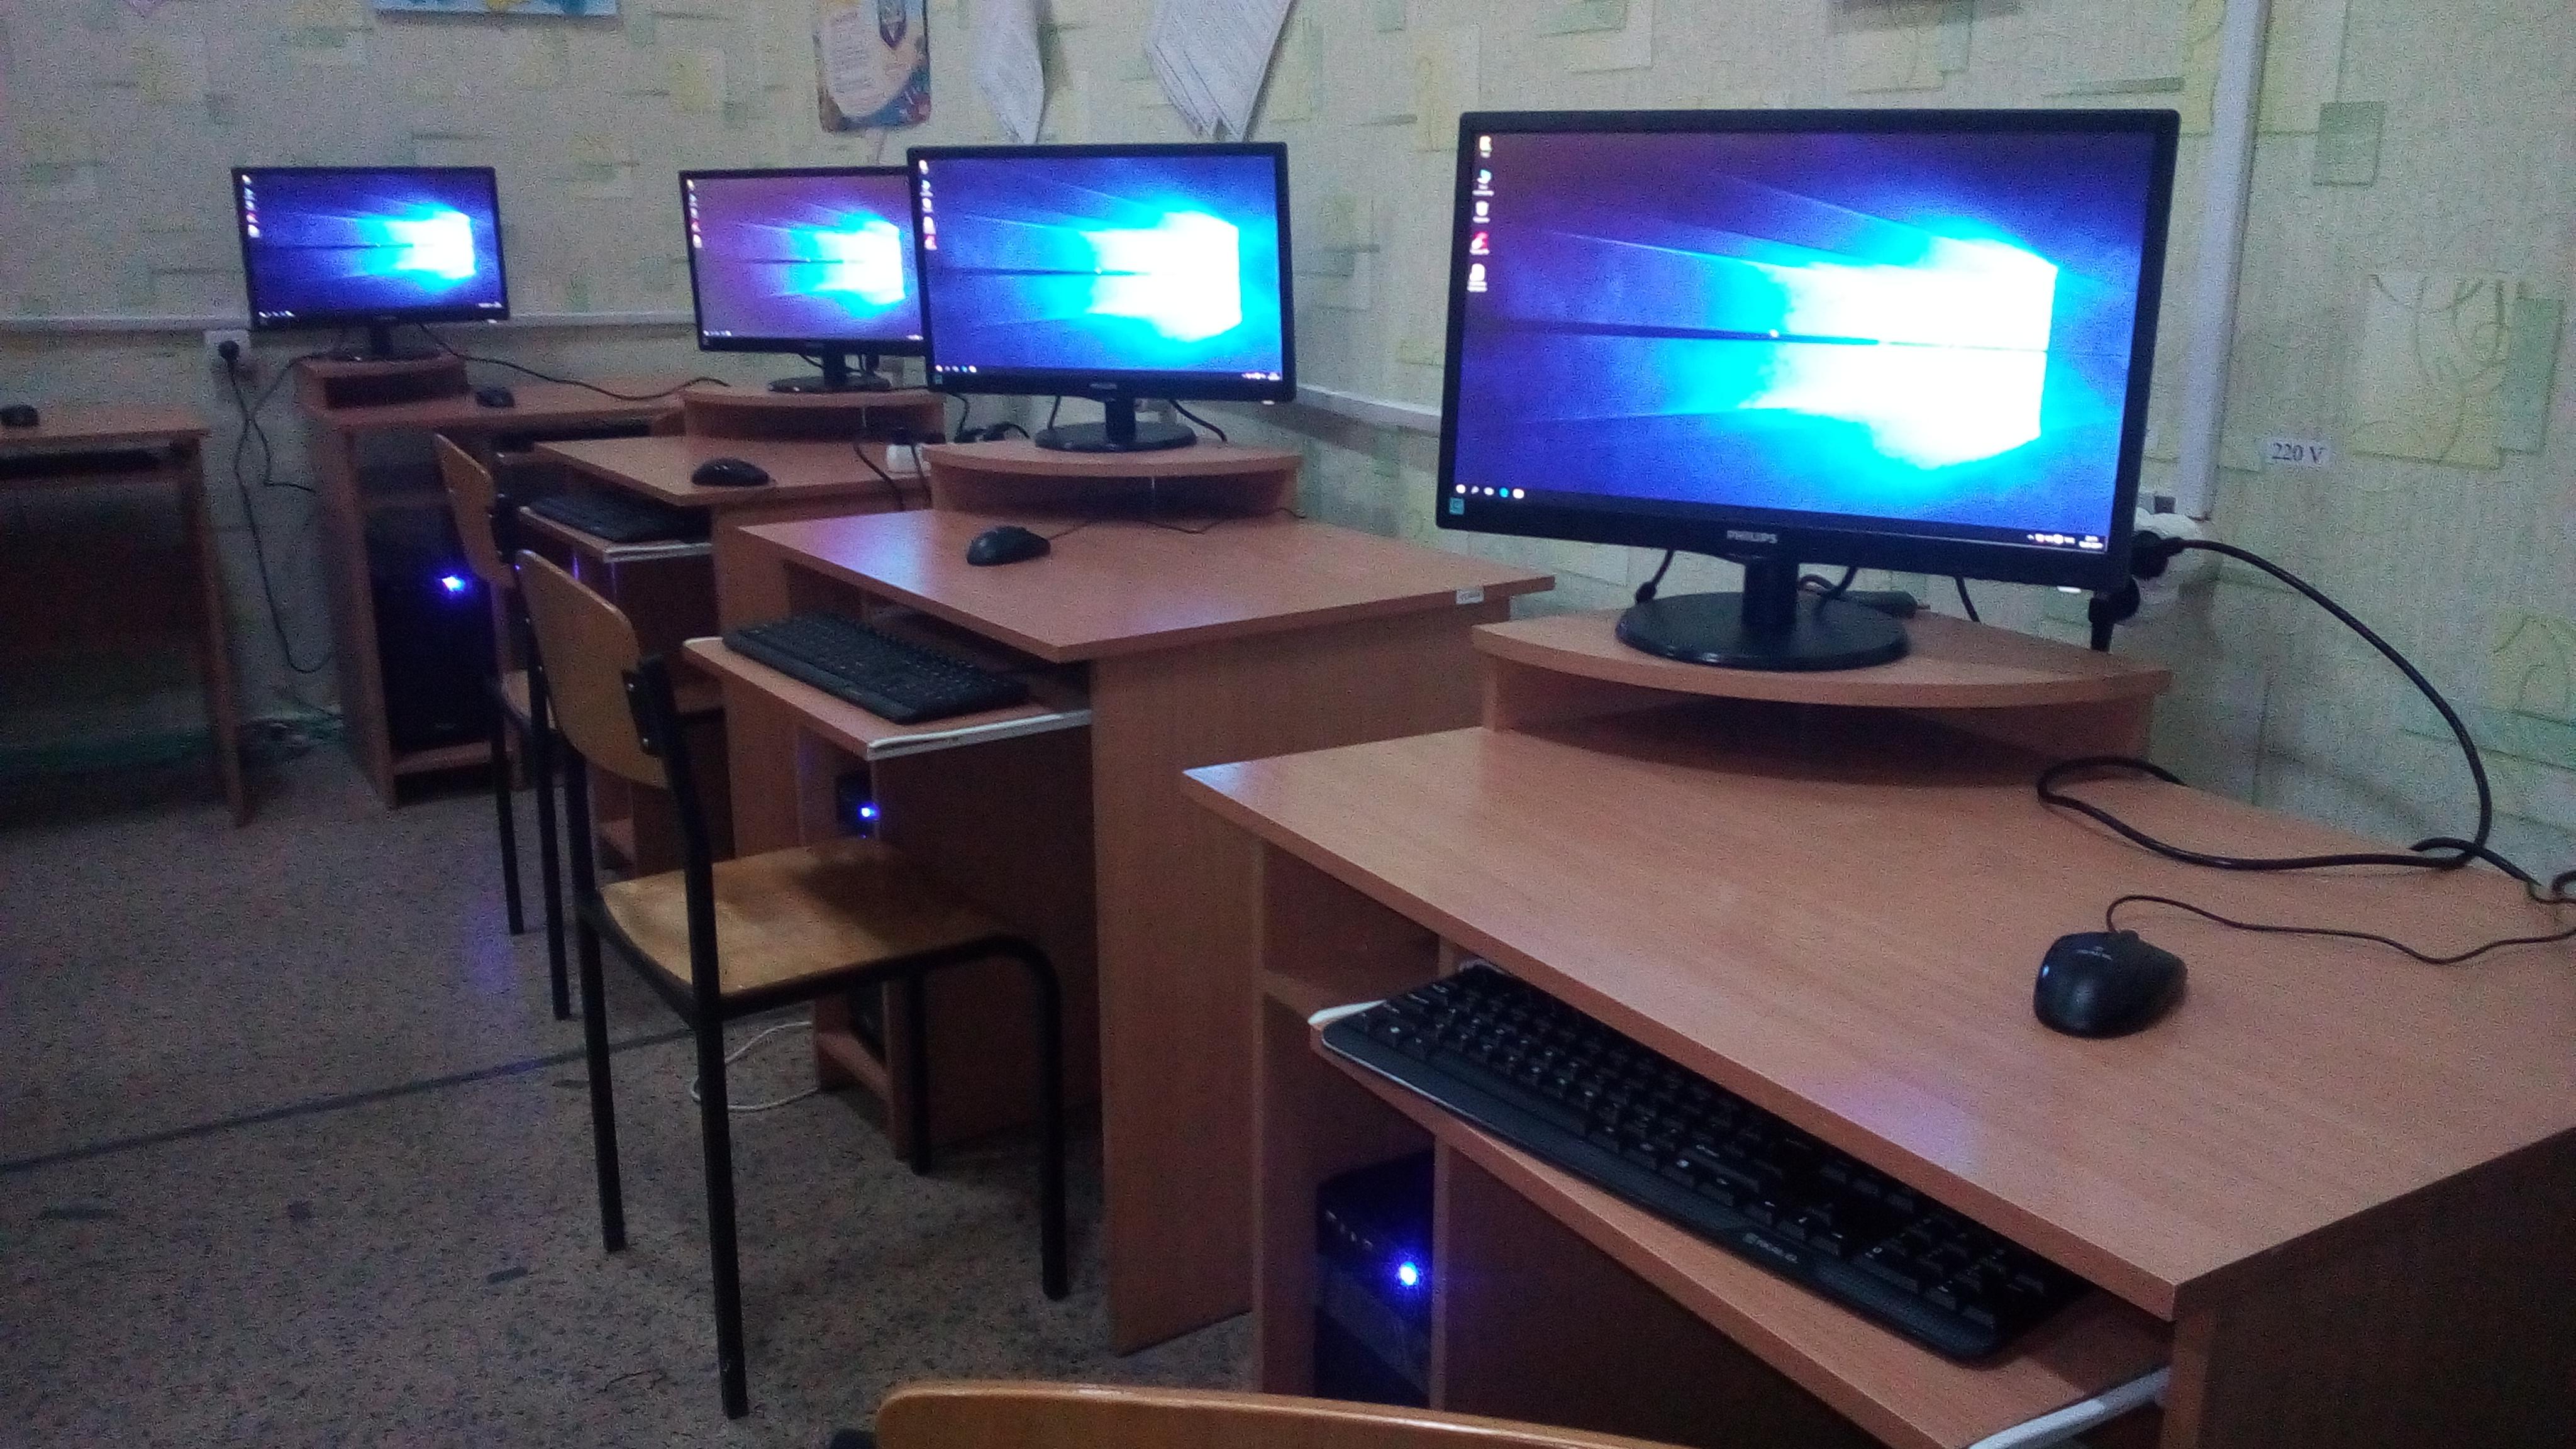 Фото Установка компьютеров в компьютерном классе СШ. Установка Операционной Системы Windows 10, настройка и установка необходимых программ и драйверов, установка антивирусного ПО.